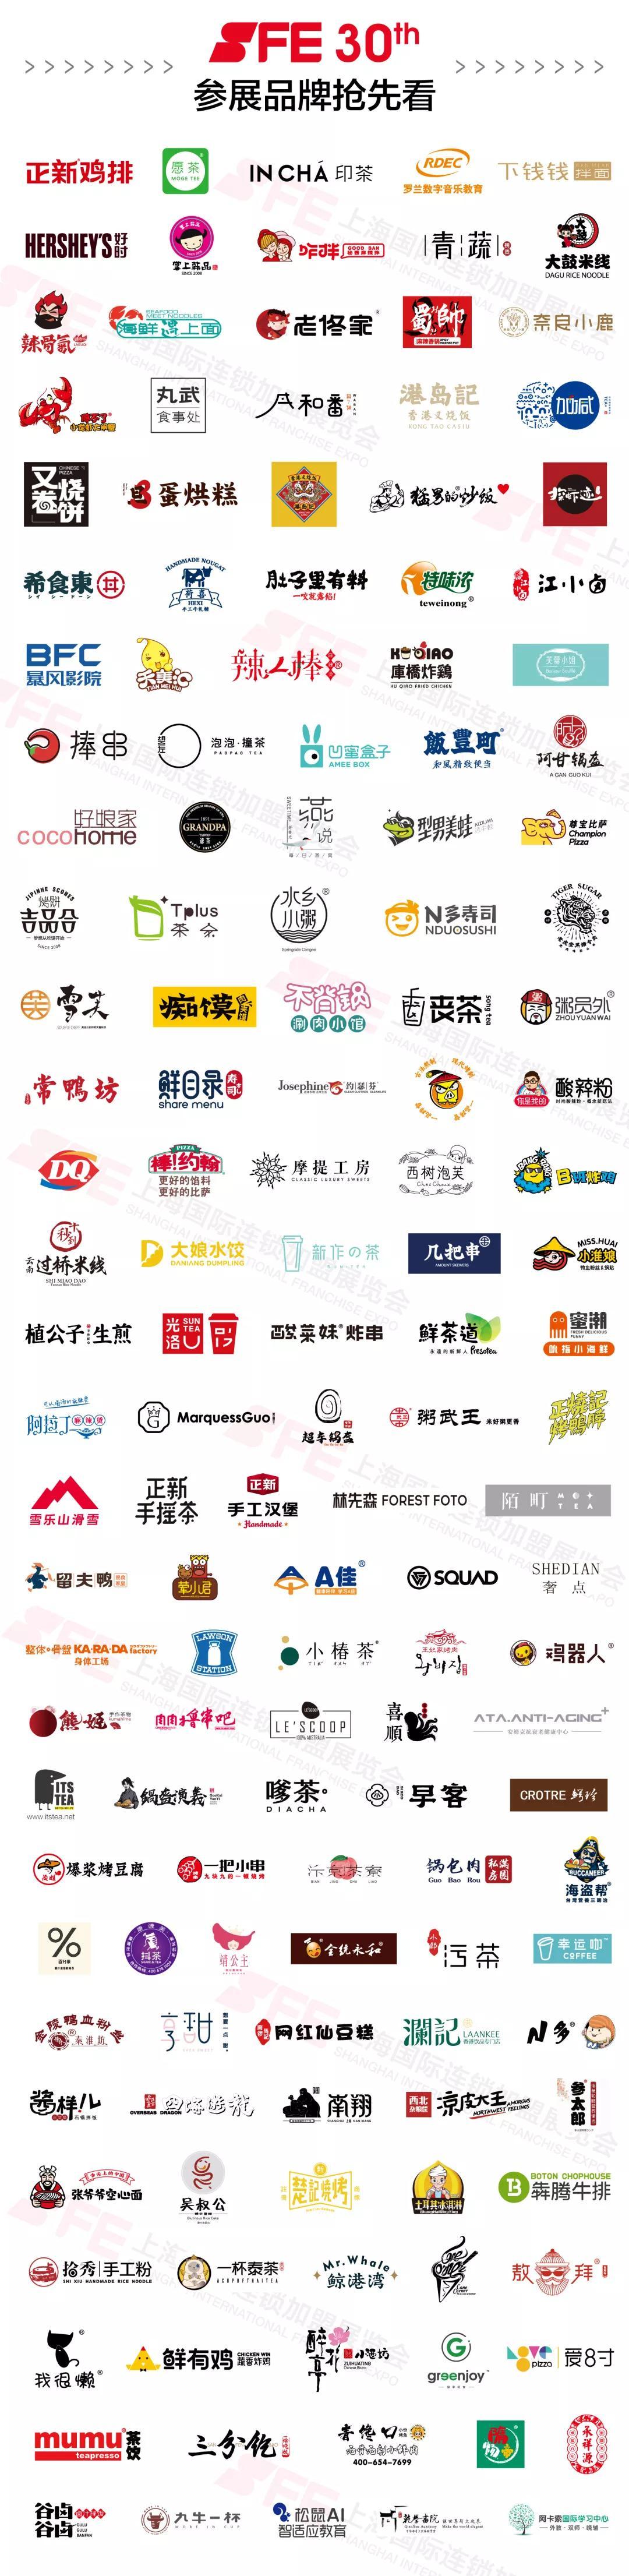 上海特许加盟展-SFE上海国际连锁加盟展1